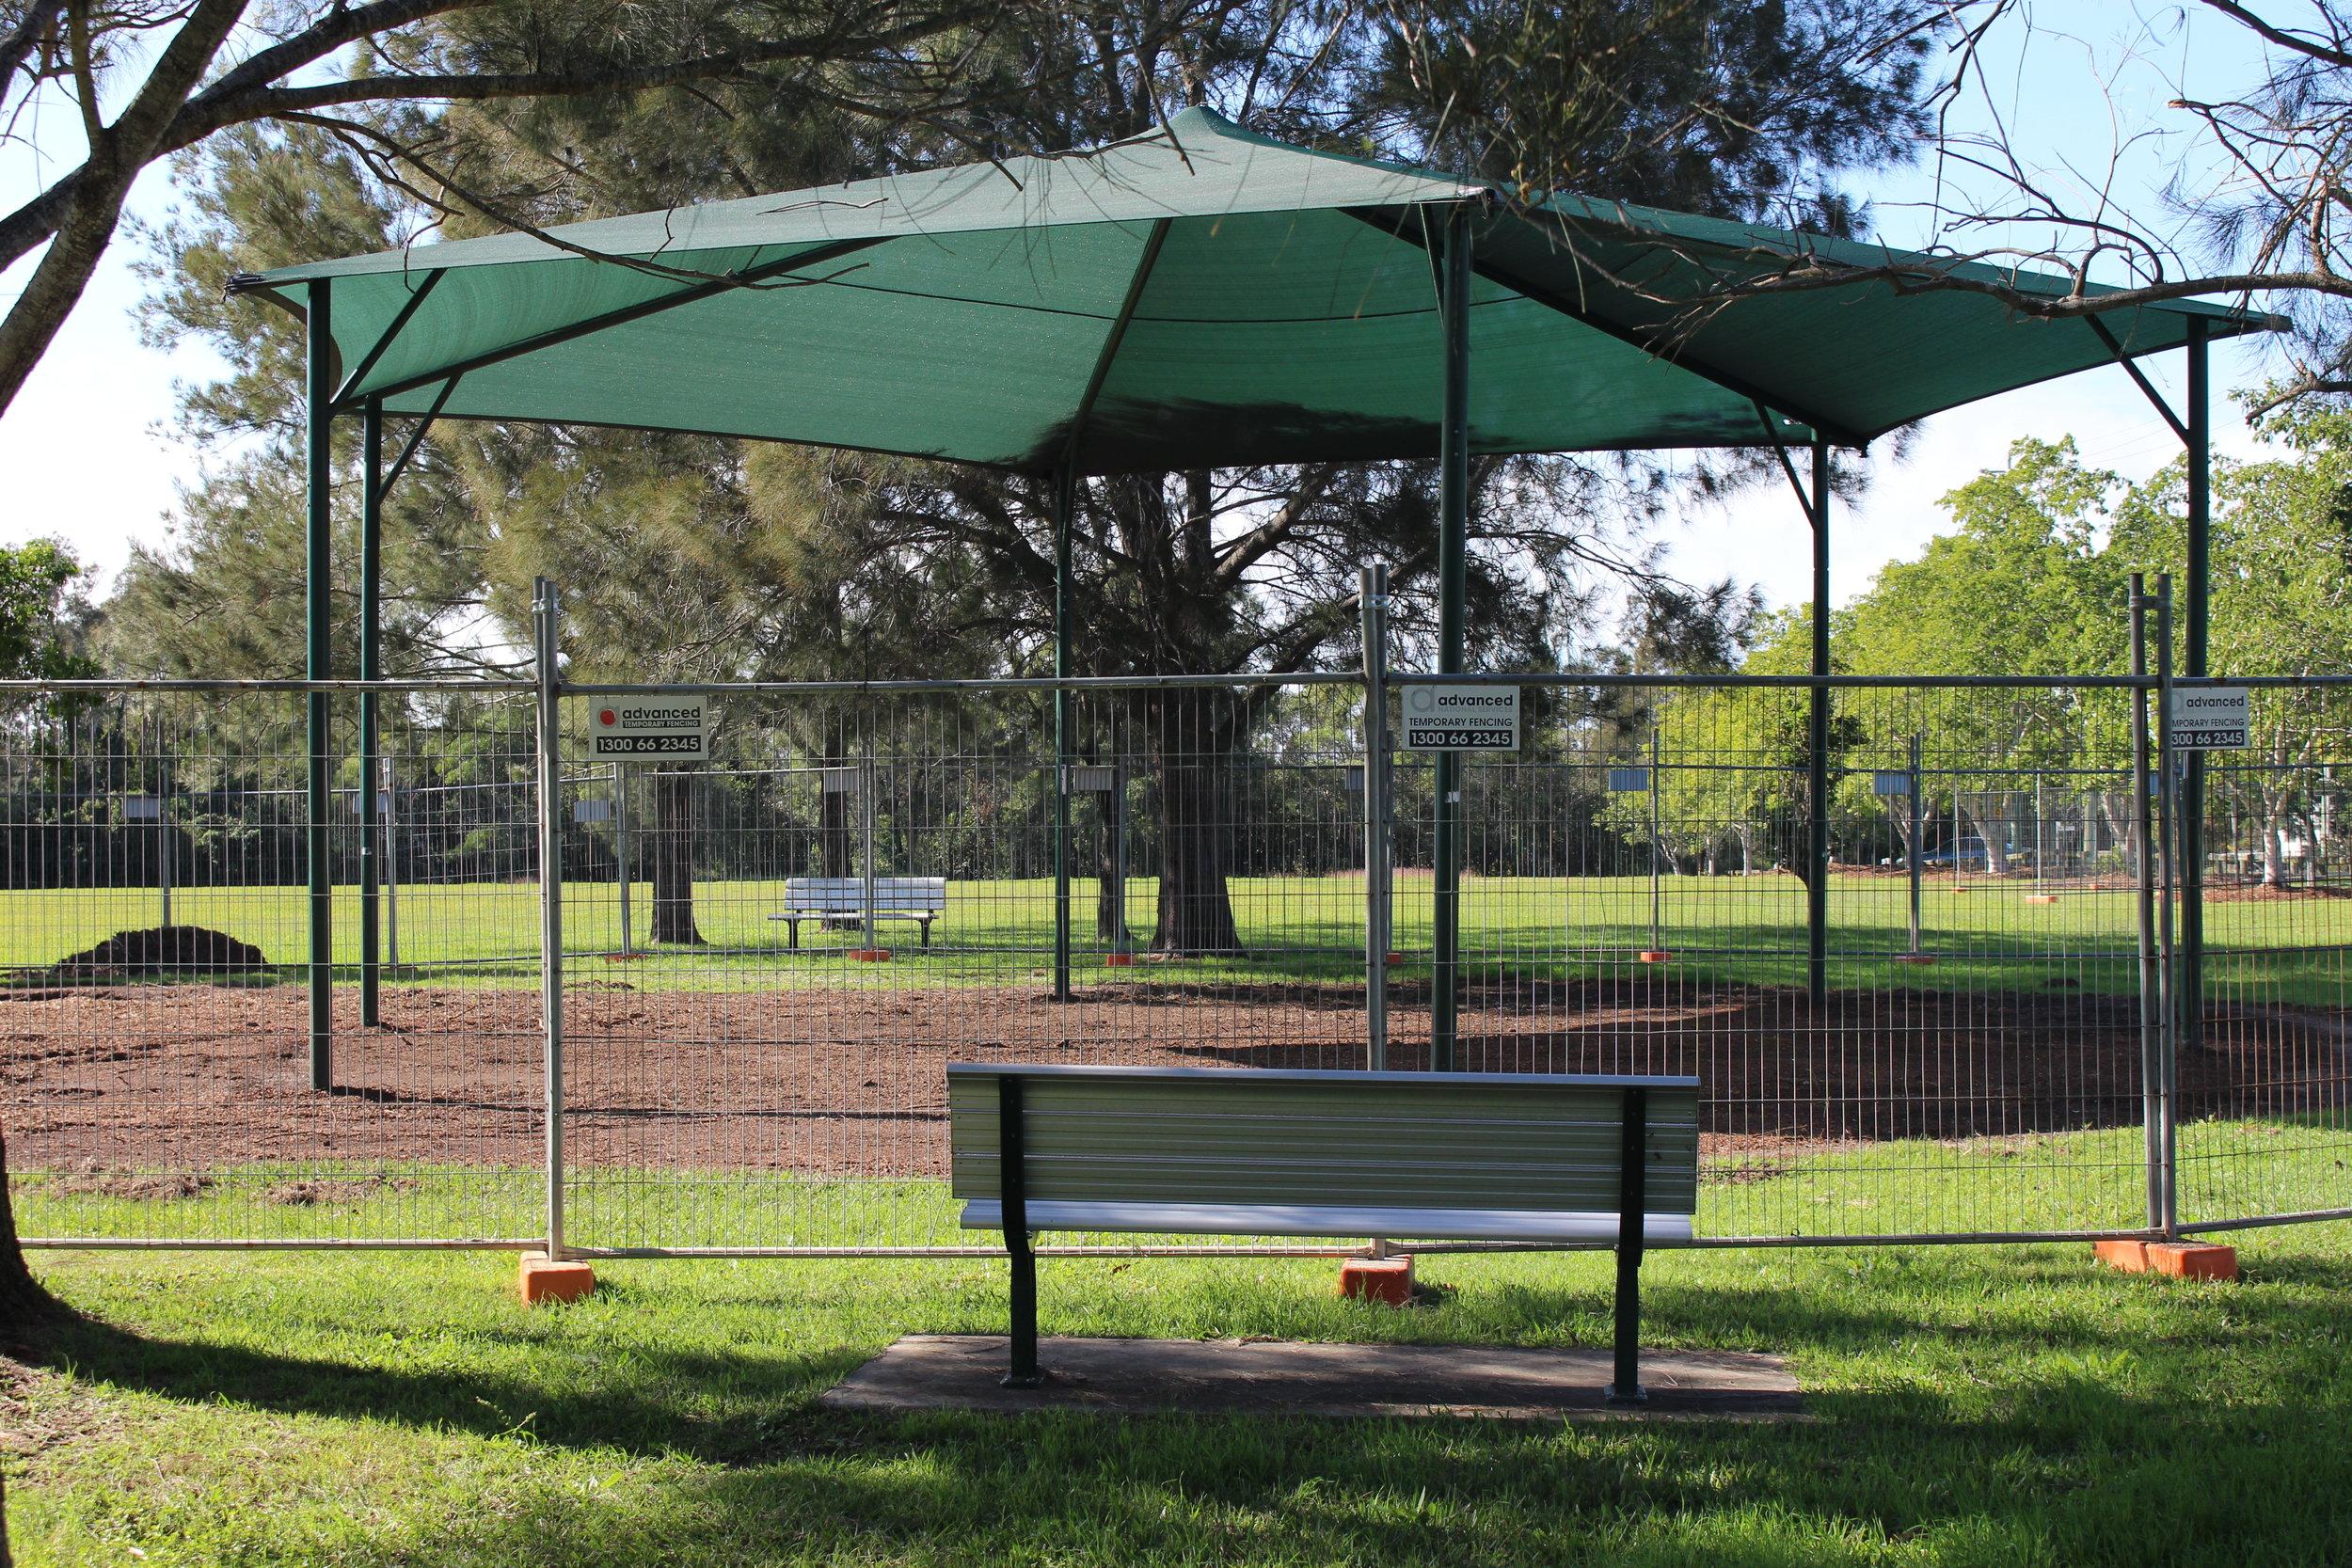 Billan st park, carina: upgrade in progress